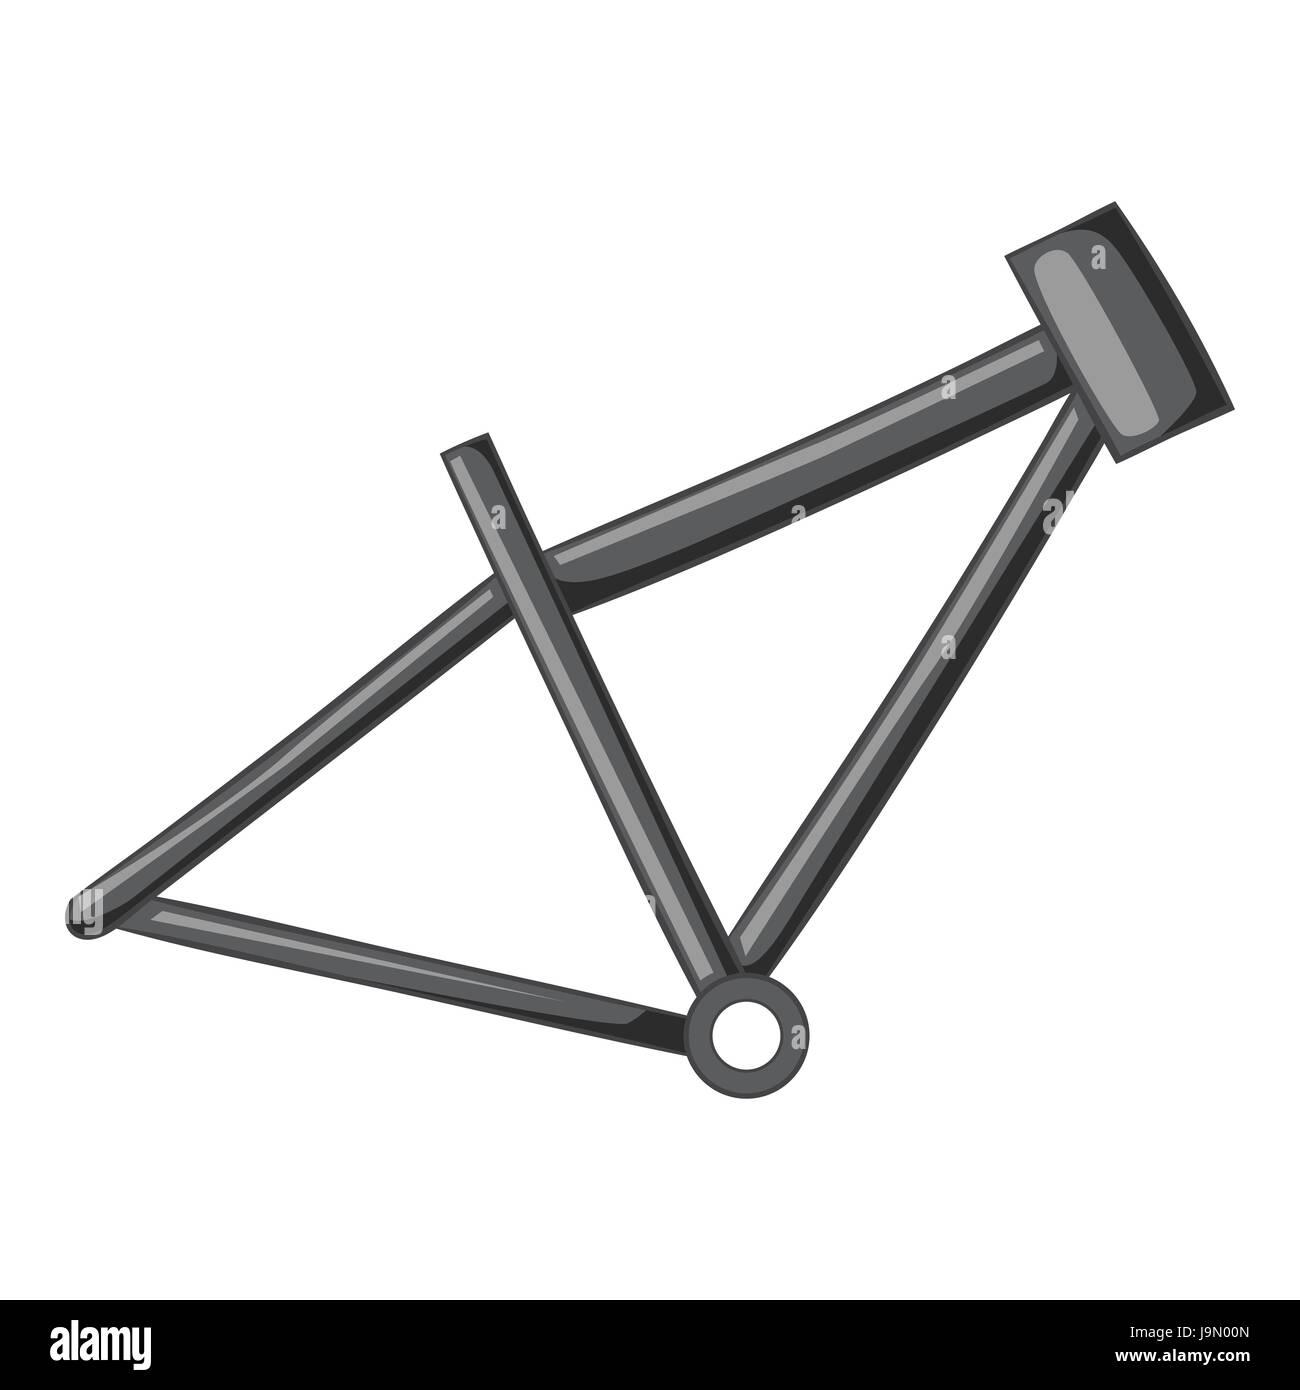 Großartig Fahrradrahmen Jig Zeitgenössisch - Benutzerdefinierte ...